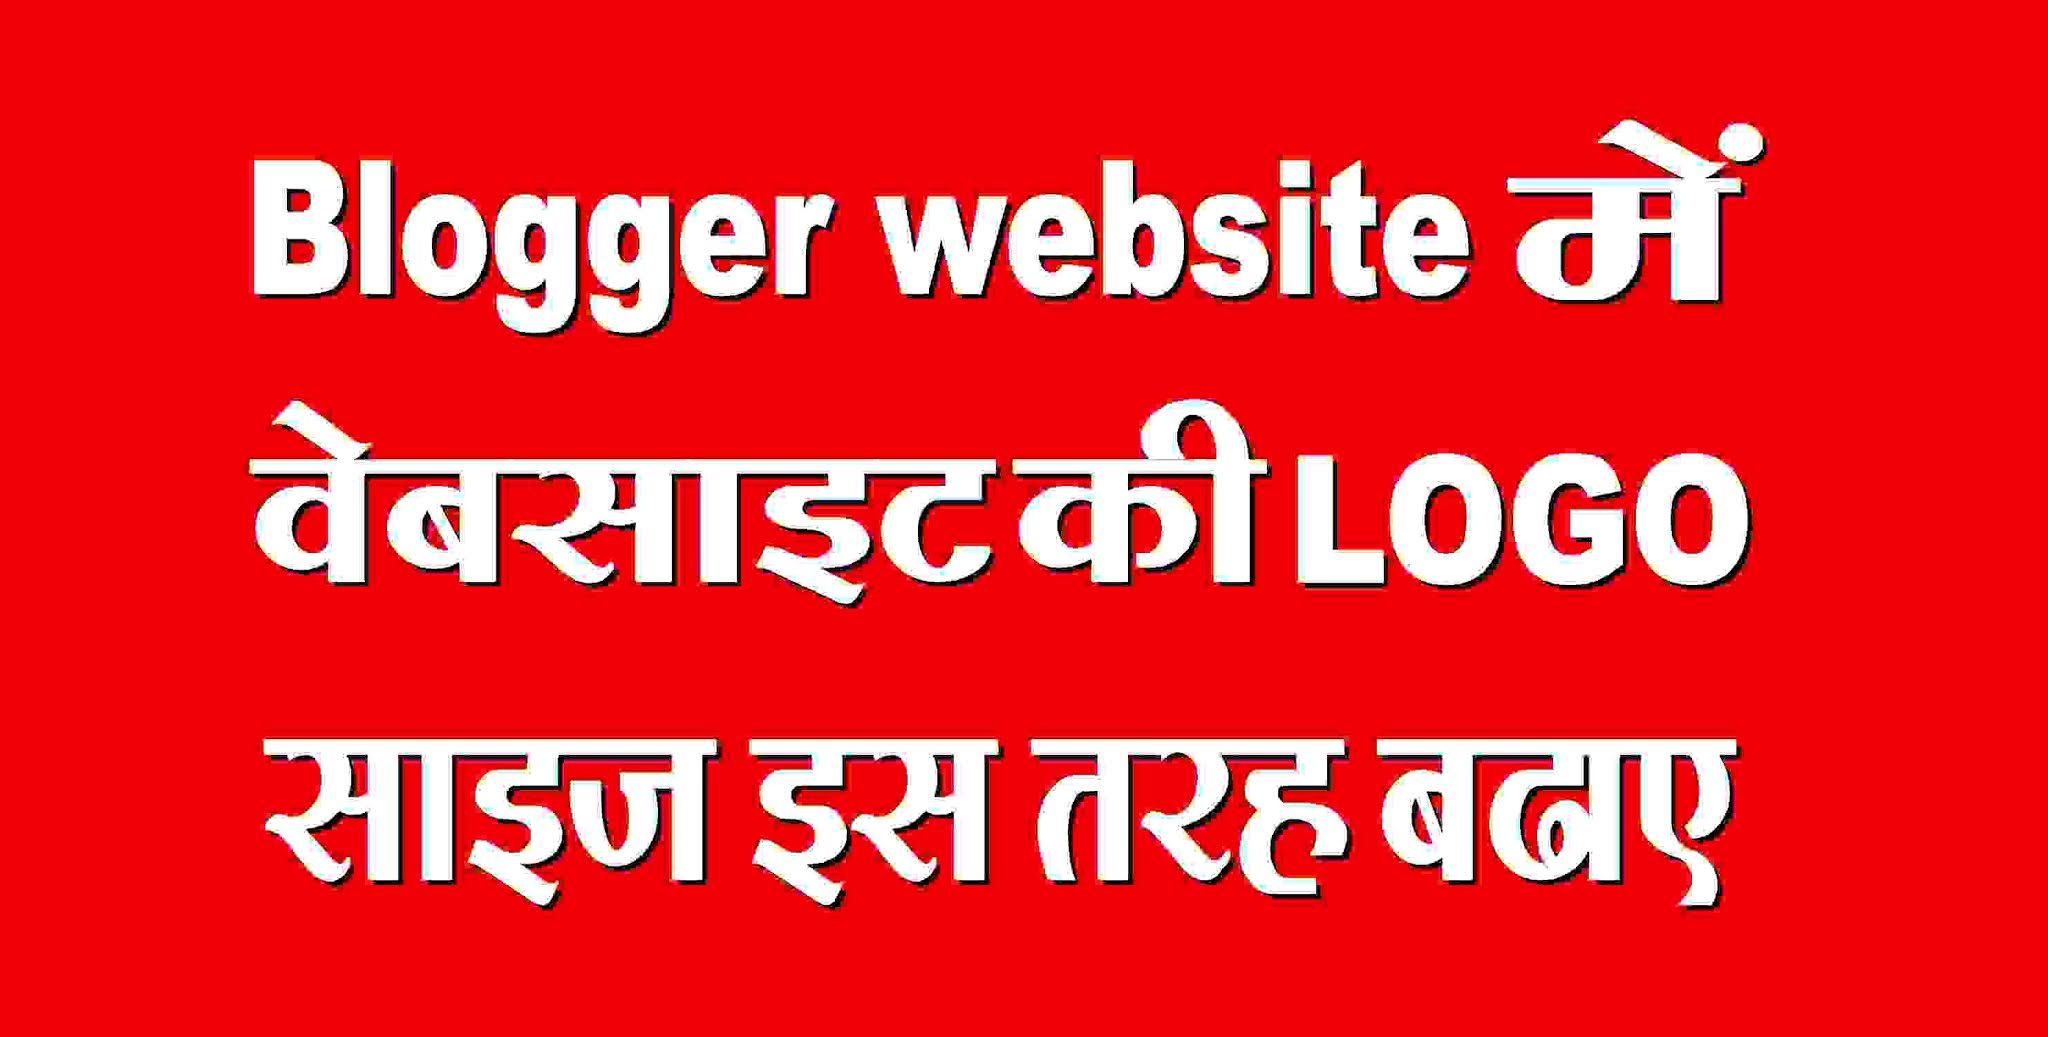 Blogger me logo ki size kaise badhaye